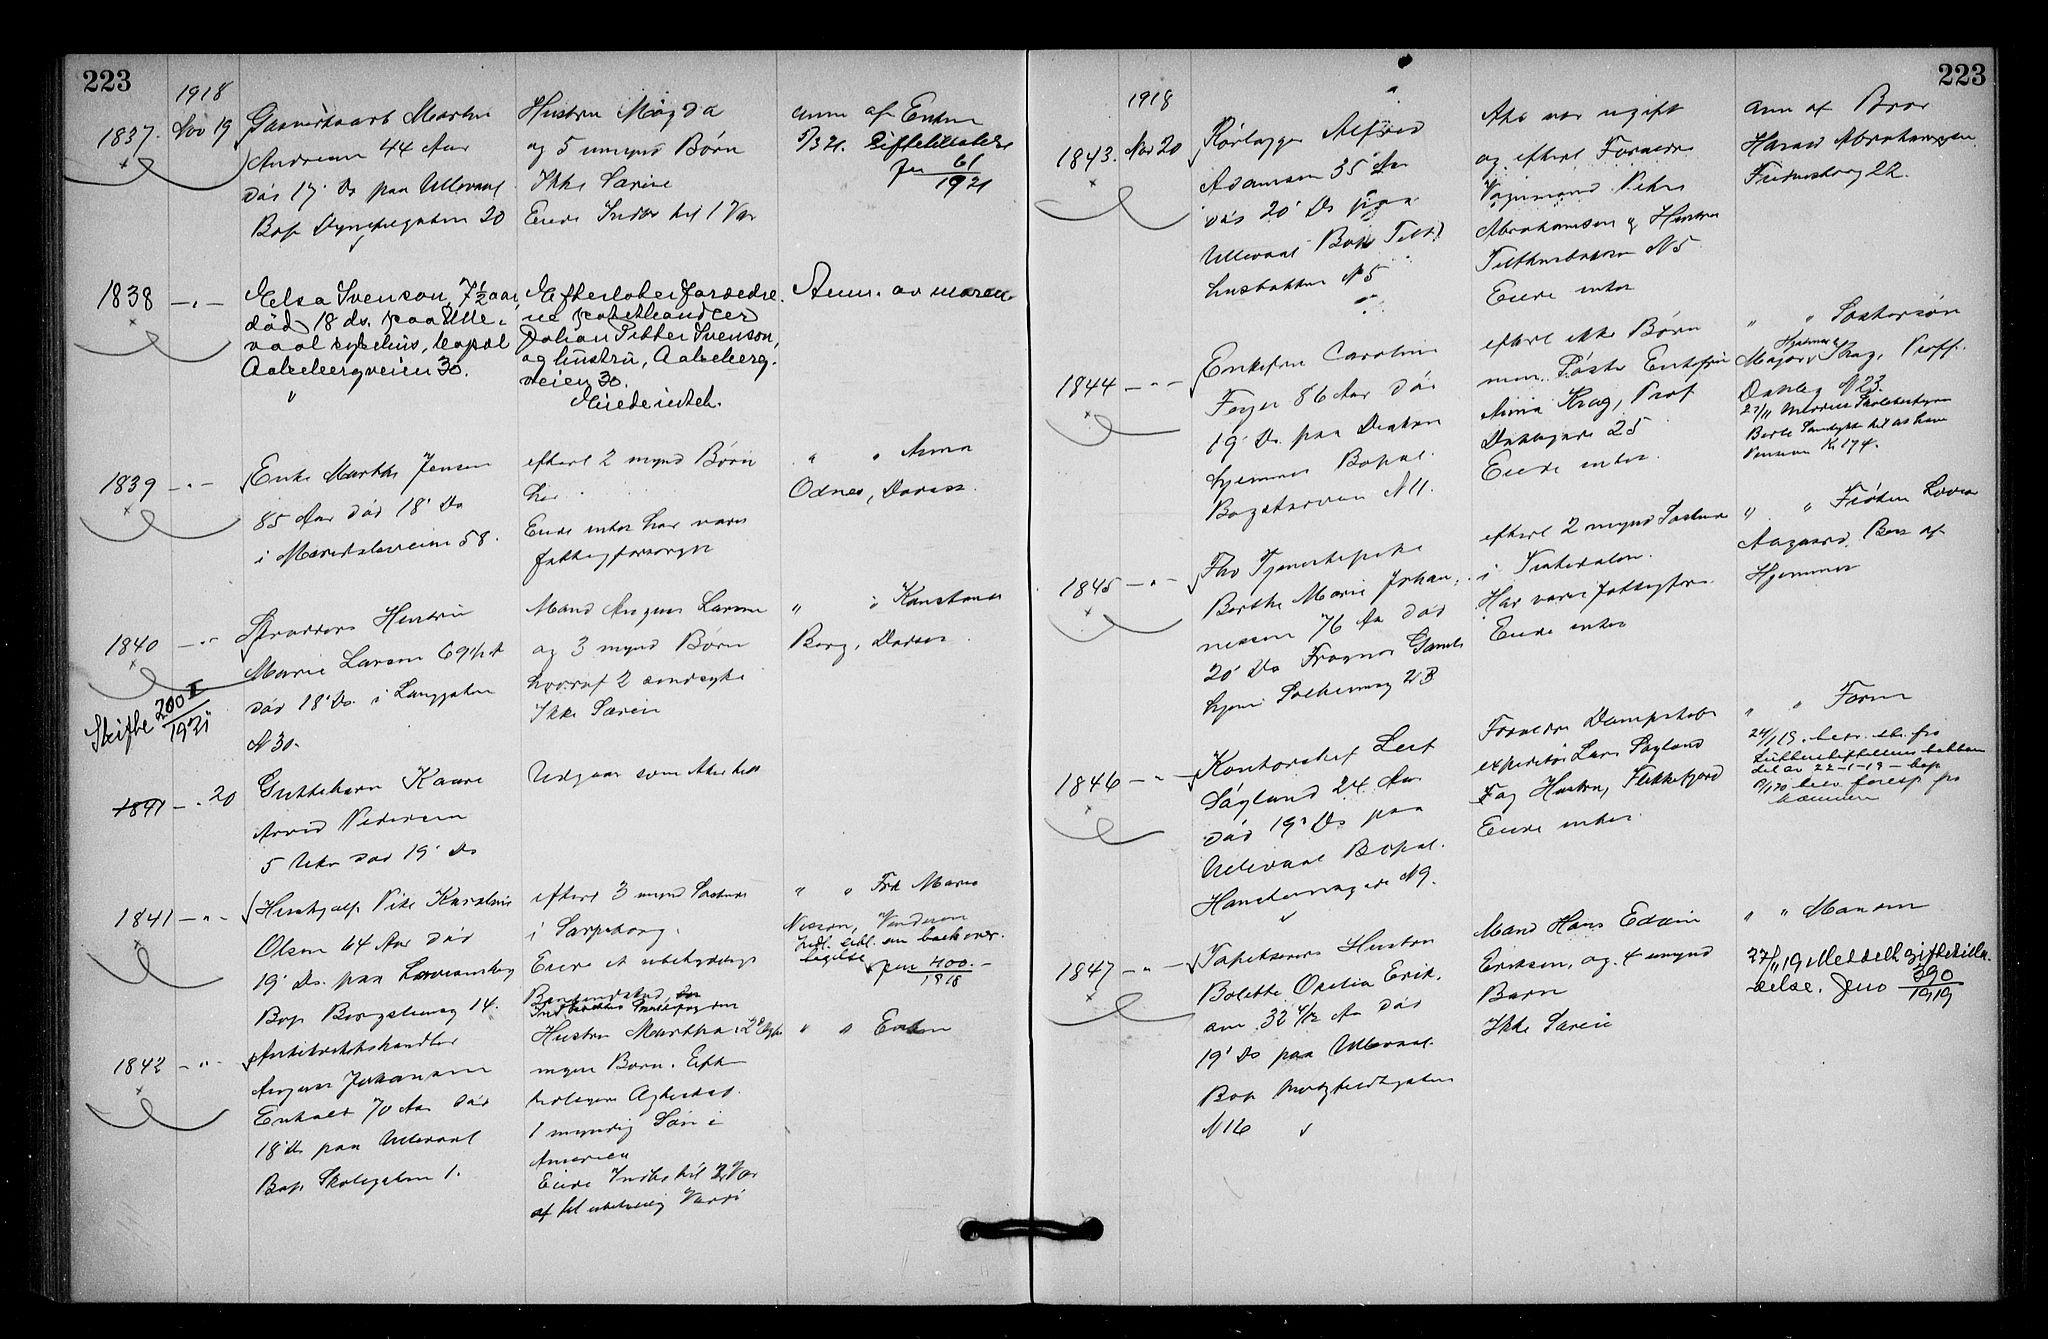 SAO, Oslo skifterett, G/Ga/Gac/L0009: Dødsfallsprotokoll, 1917-1919, s. 223